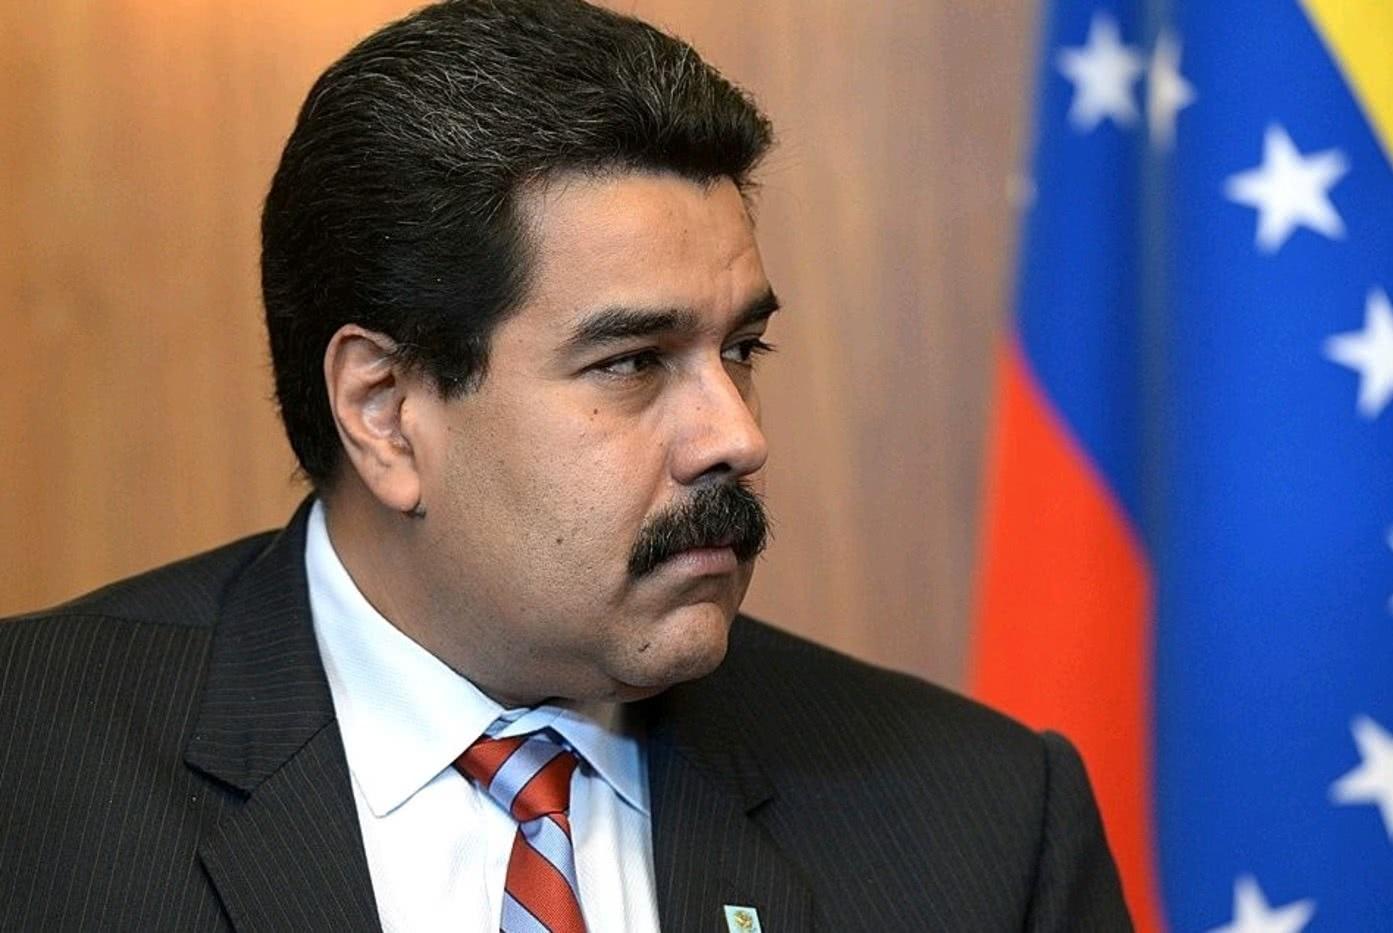 巴西外长大骂委内瑞拉,但表示并不会军事干预